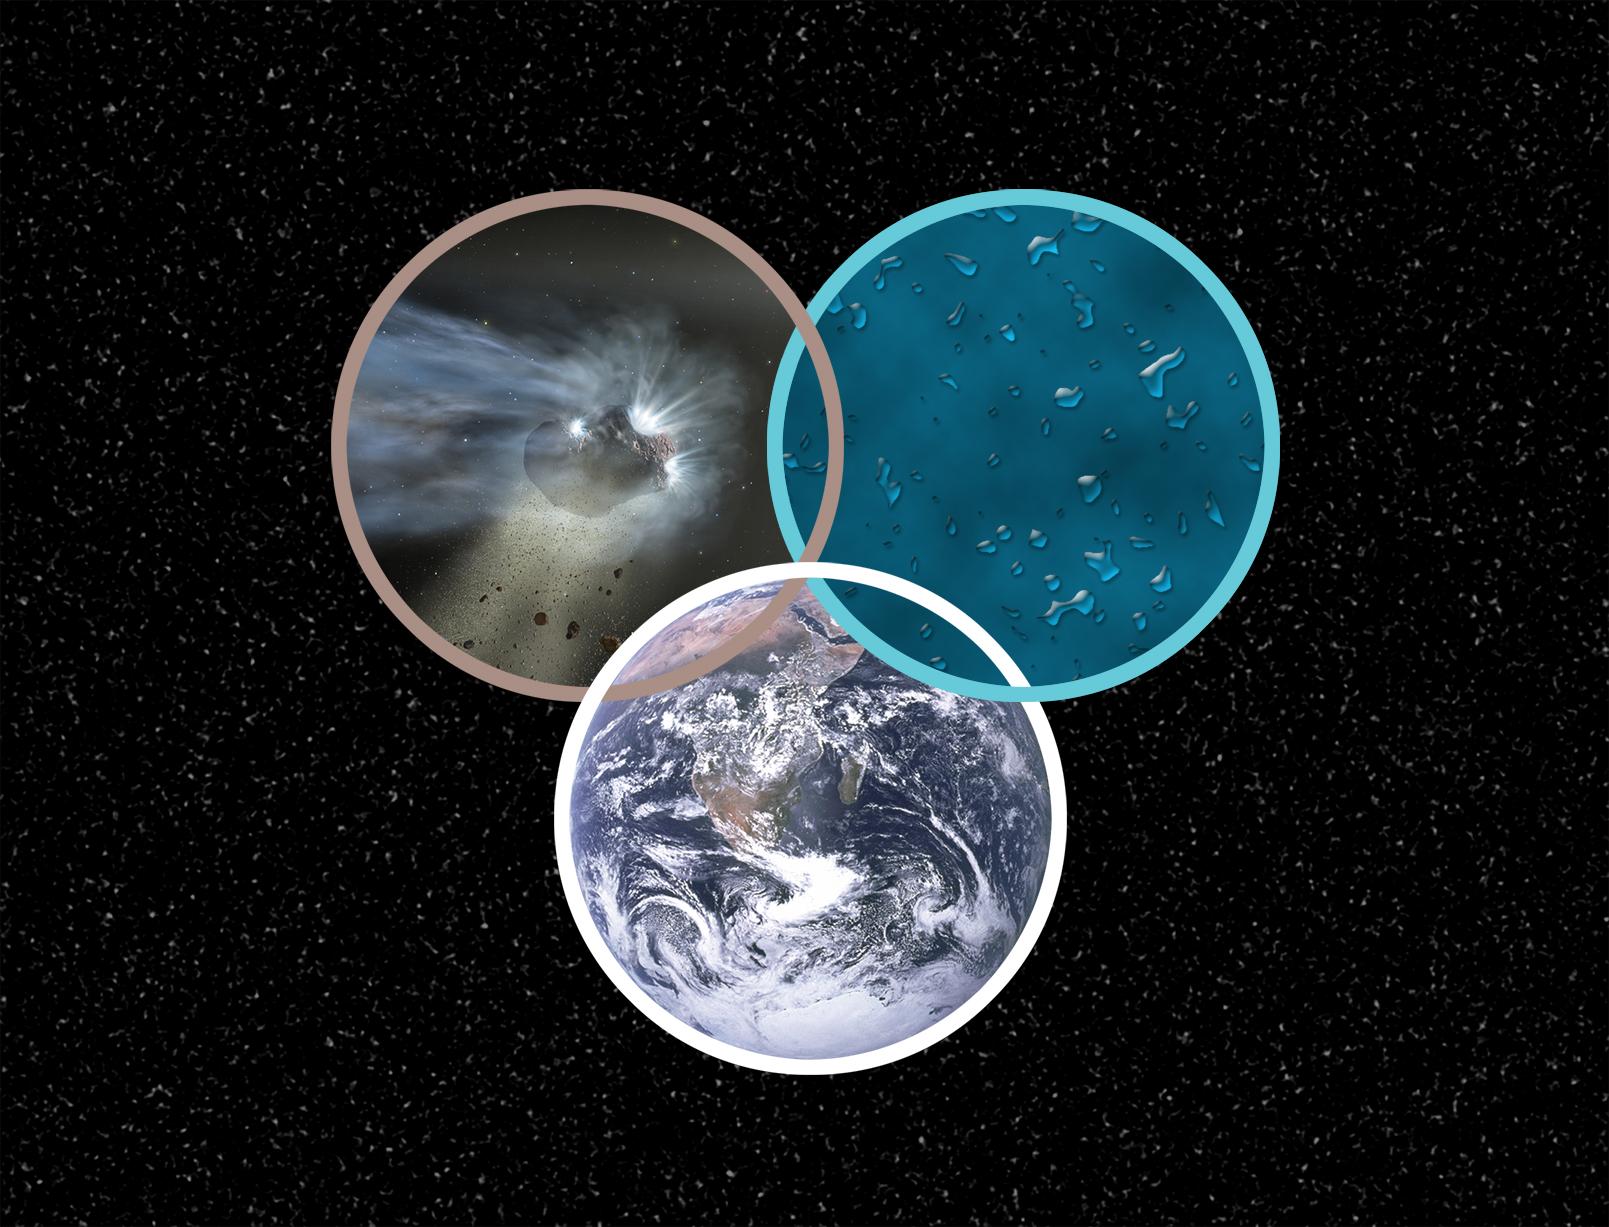 Illustration zur Entstehung von Wasser auf der Erde